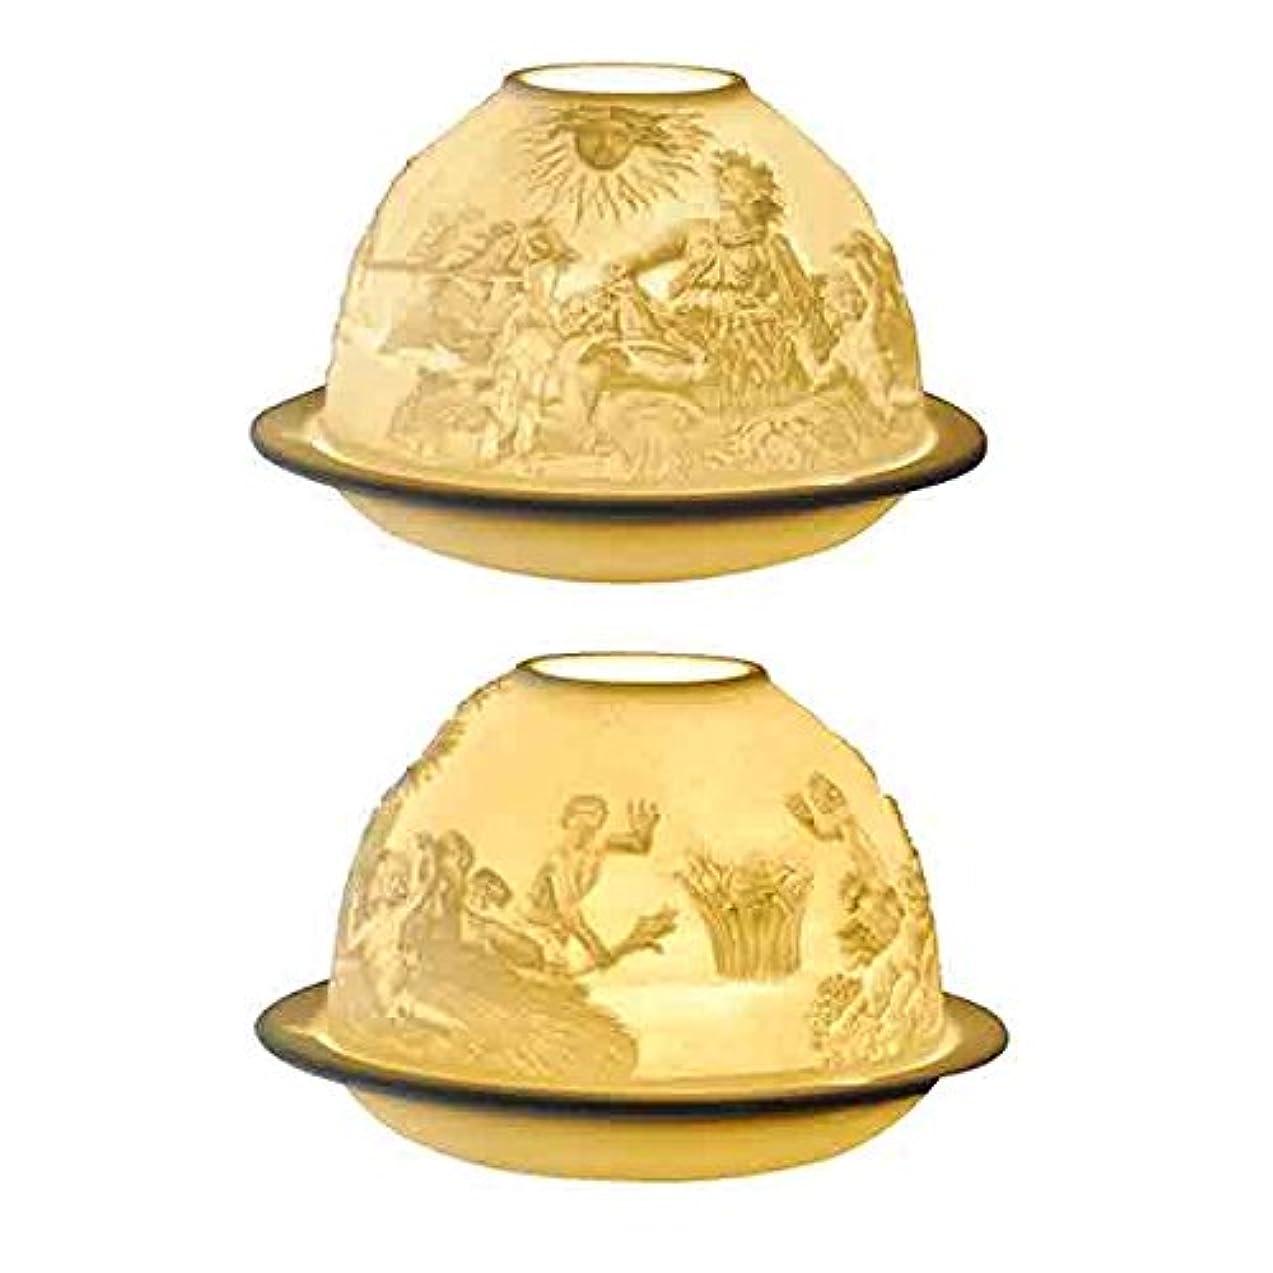 アストロラーベハーフ雨ベルナルド[BERNARDAUD] キャンドル用リトファニー ランプ 「ヴェルサイユ宮殿の大噴水」フランス製 リモージュ